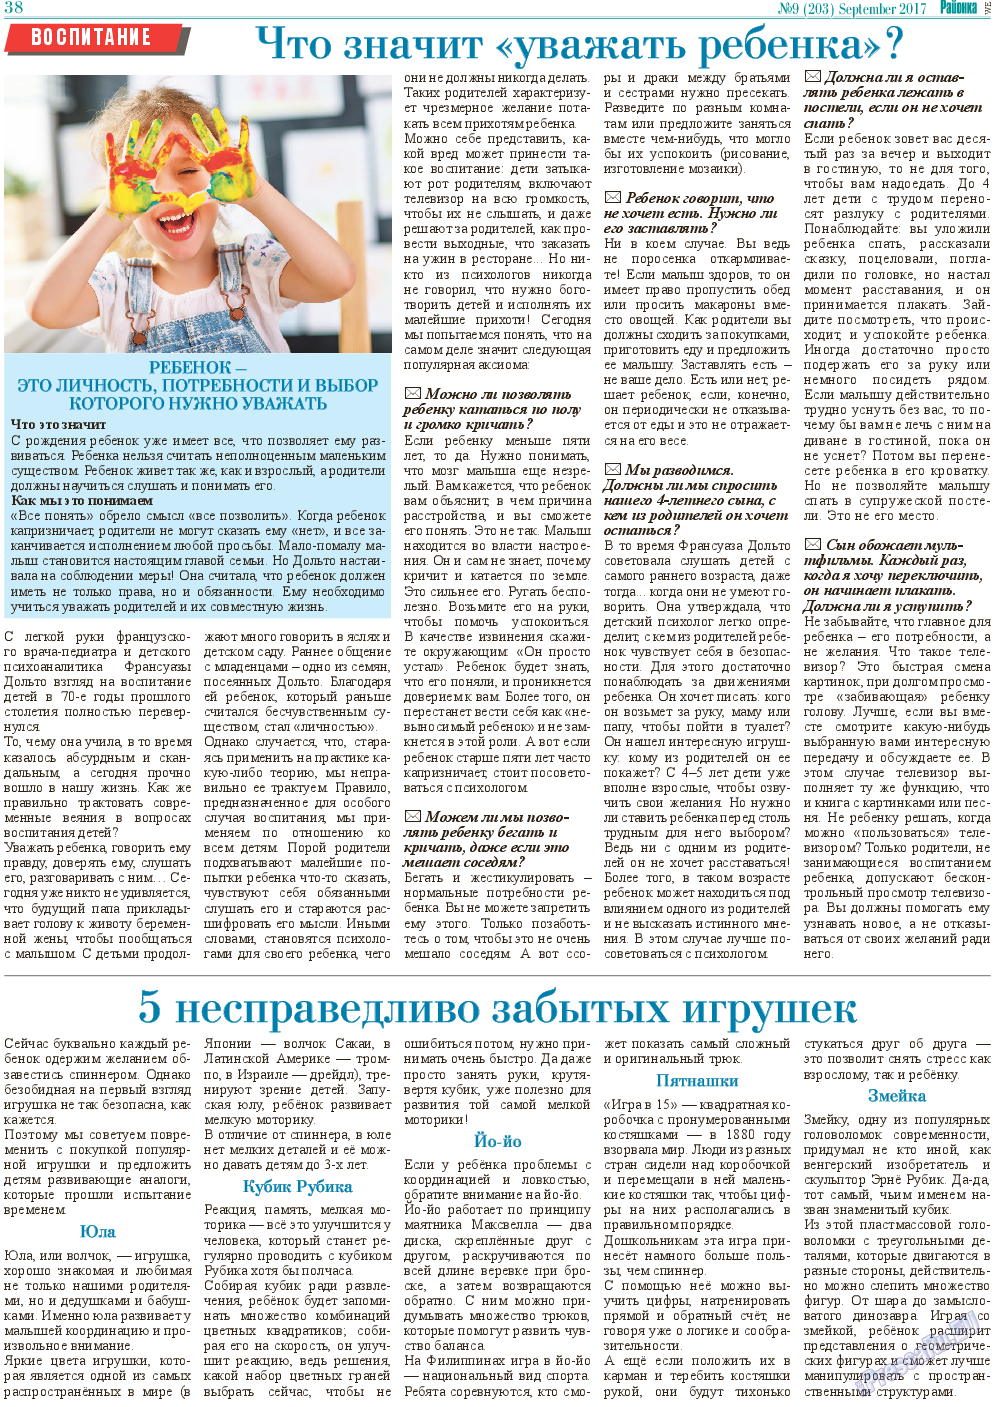 Районка-West (газета). 2017 год, номер 9, стр. 38